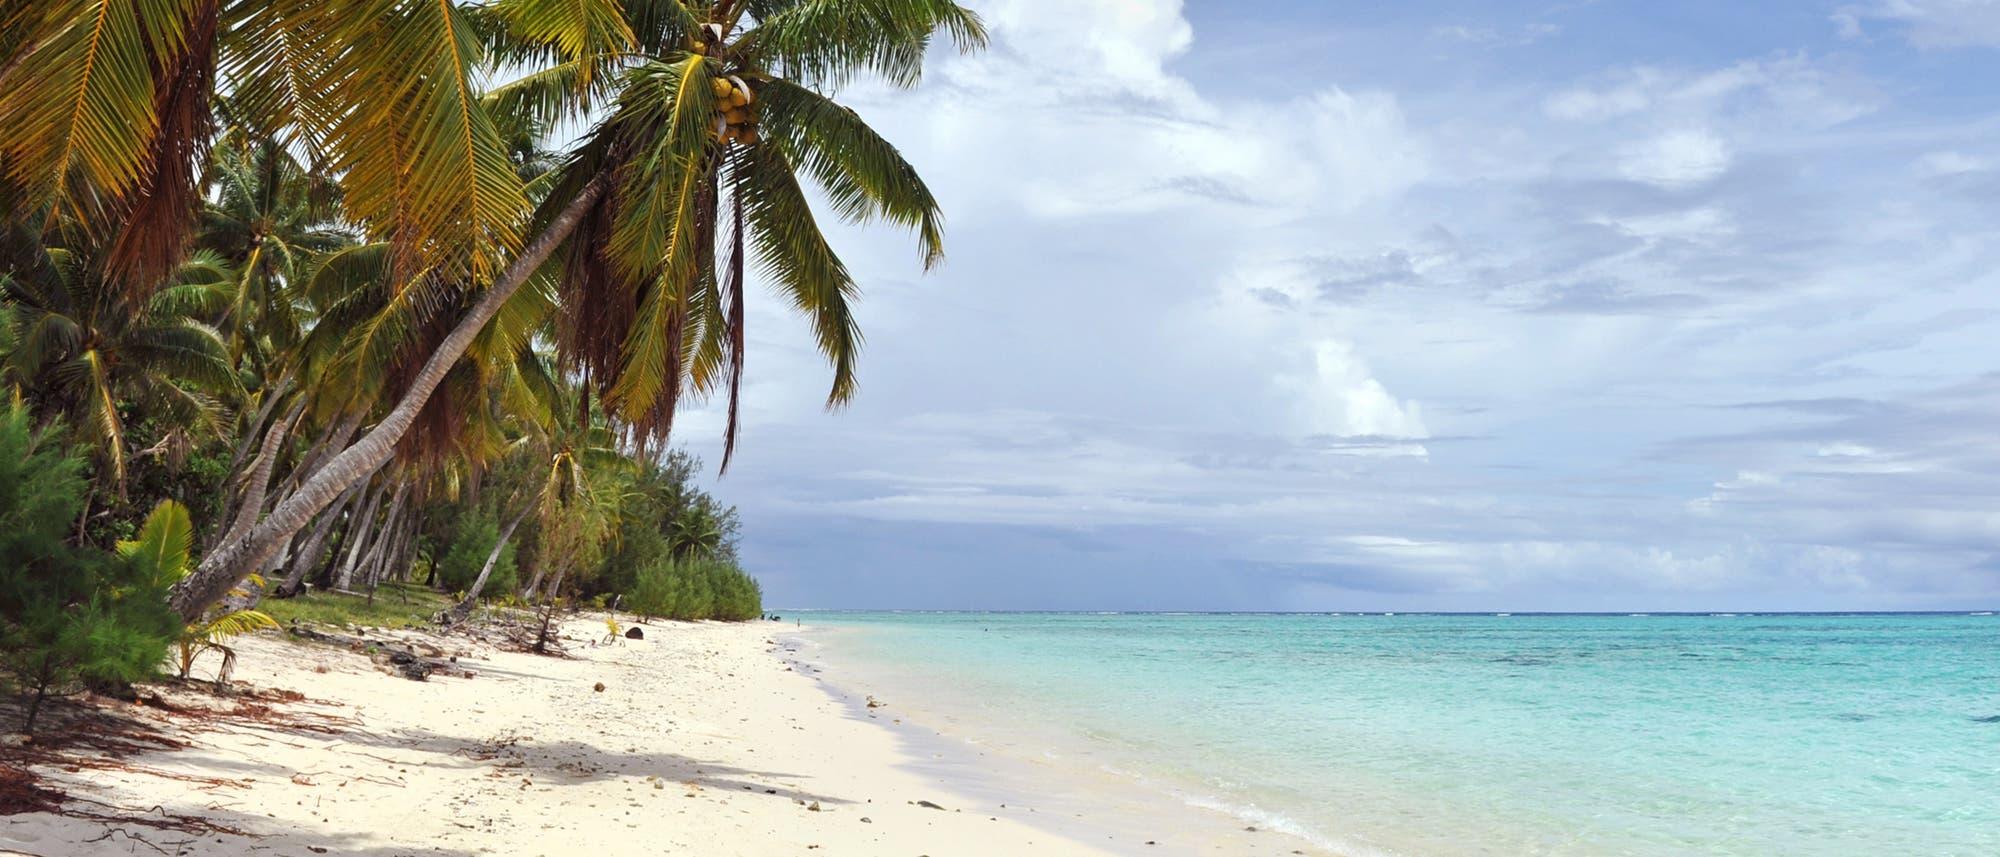 Sandstrand auf einem Tuvalu-Atoll